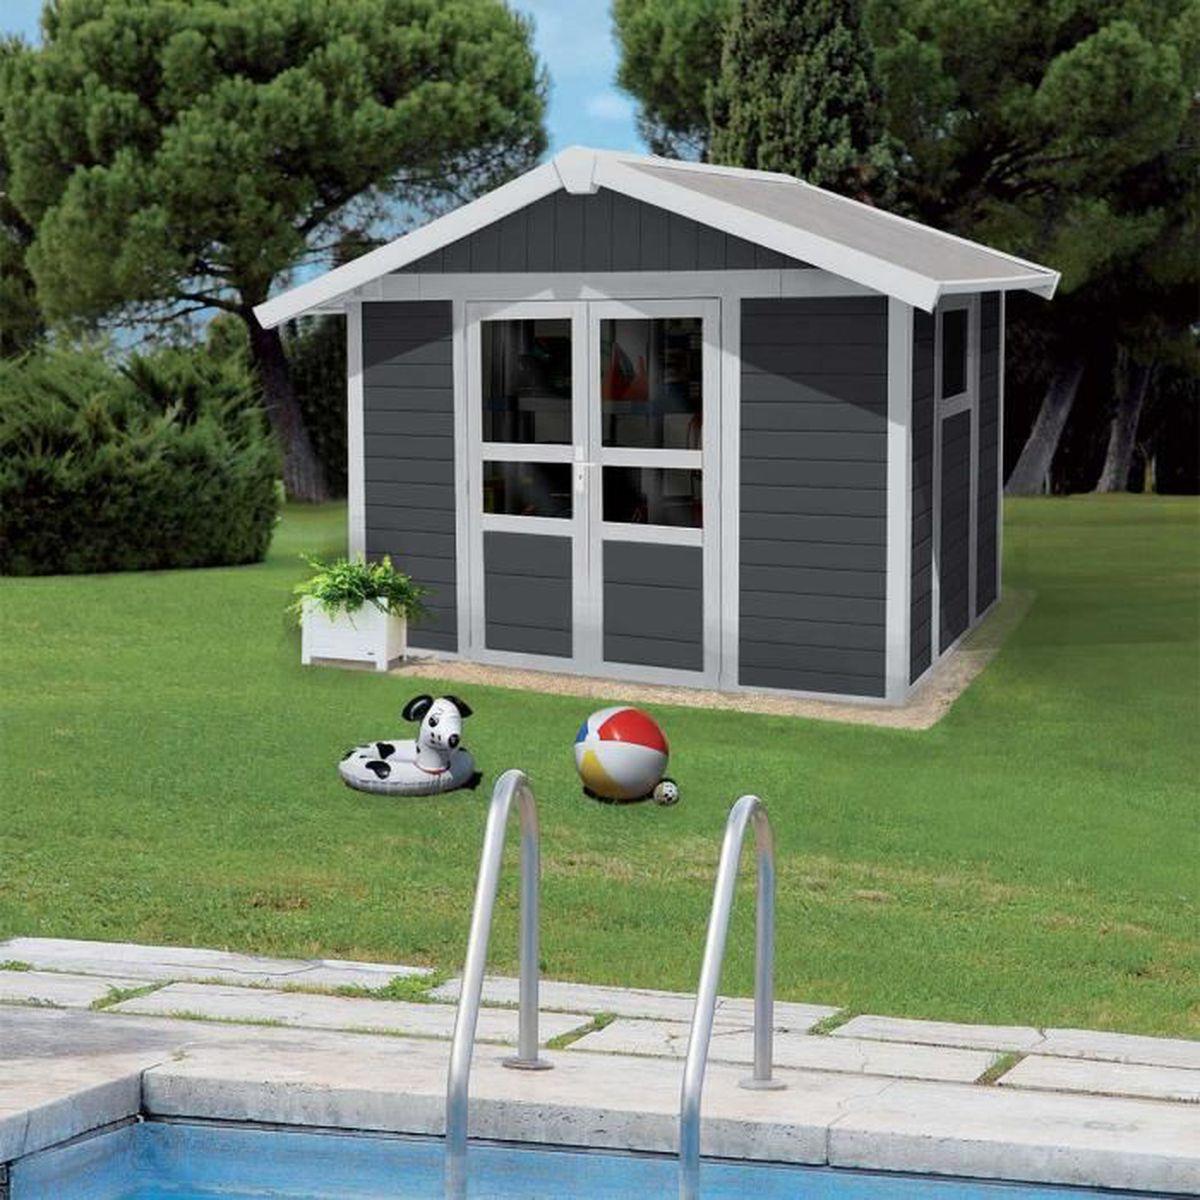 Sur Quoi Poser Un Abri De Jardin abri de jardin basic home 7,5 gris foncé - 7.5 m² + kit d